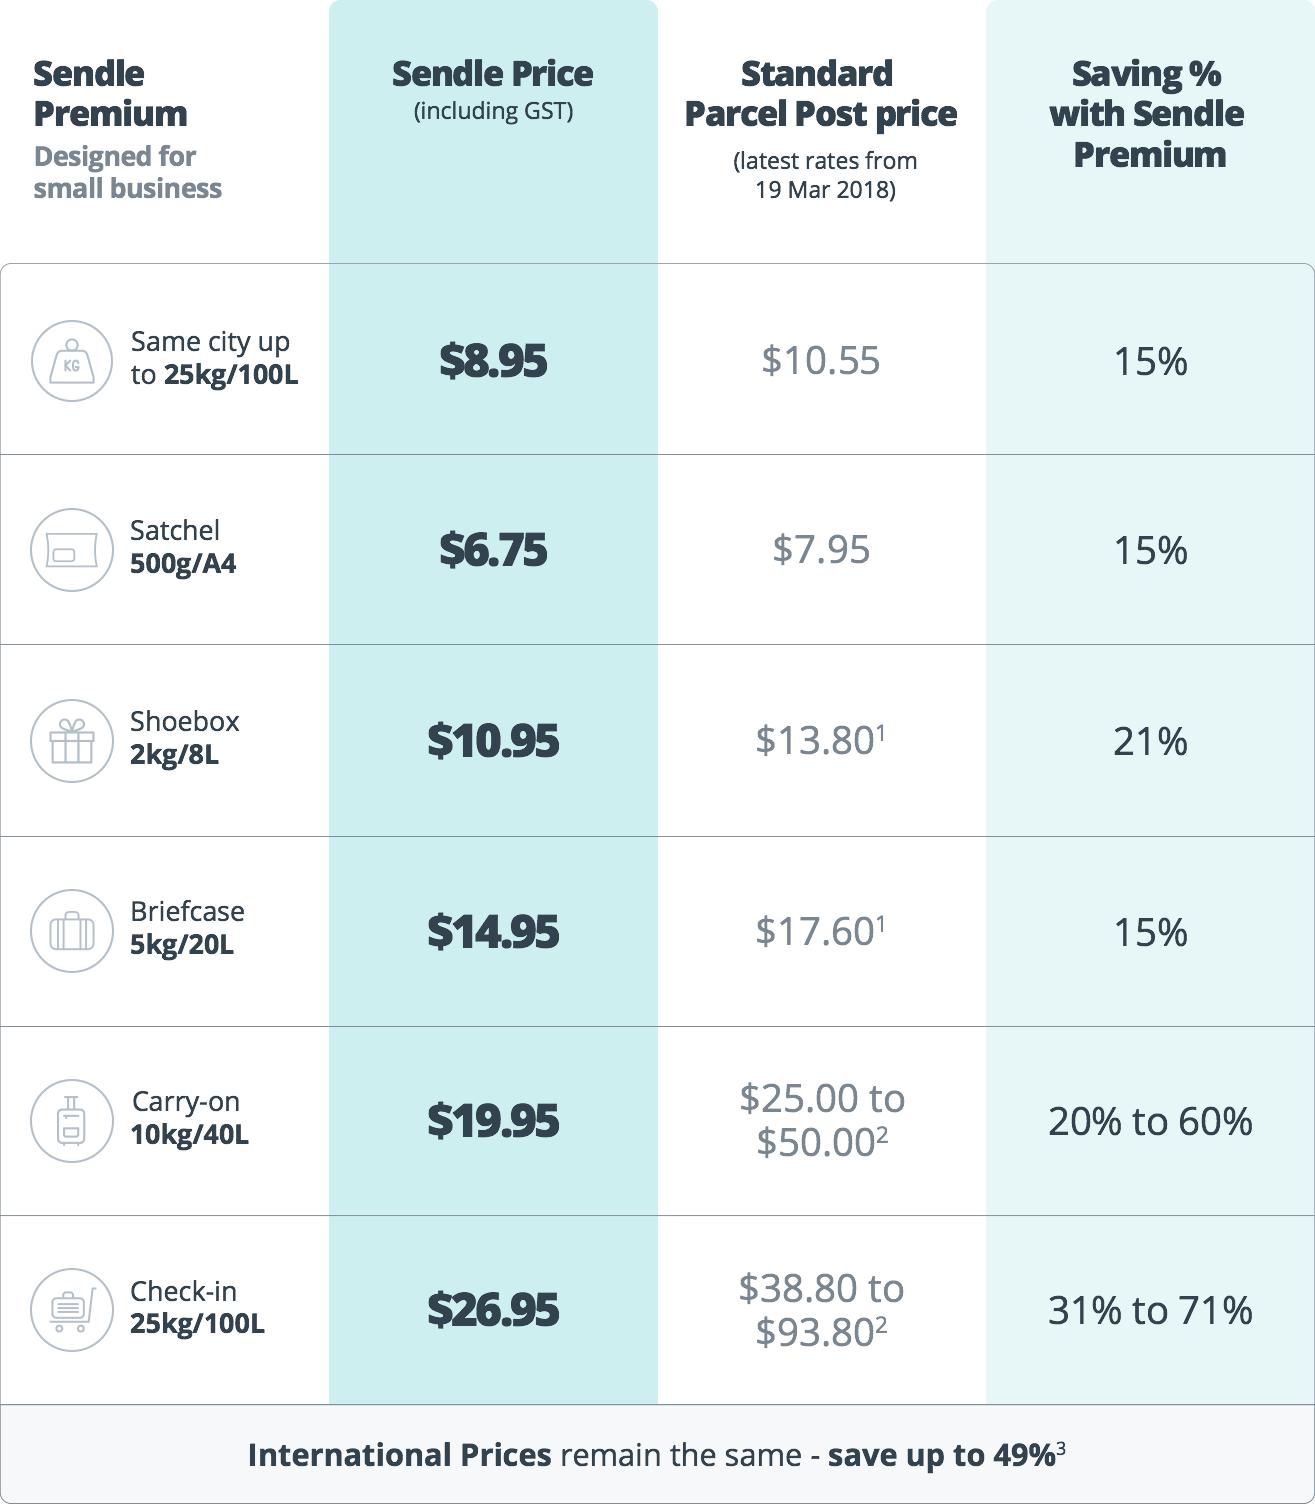 Sendle Premium Pricing